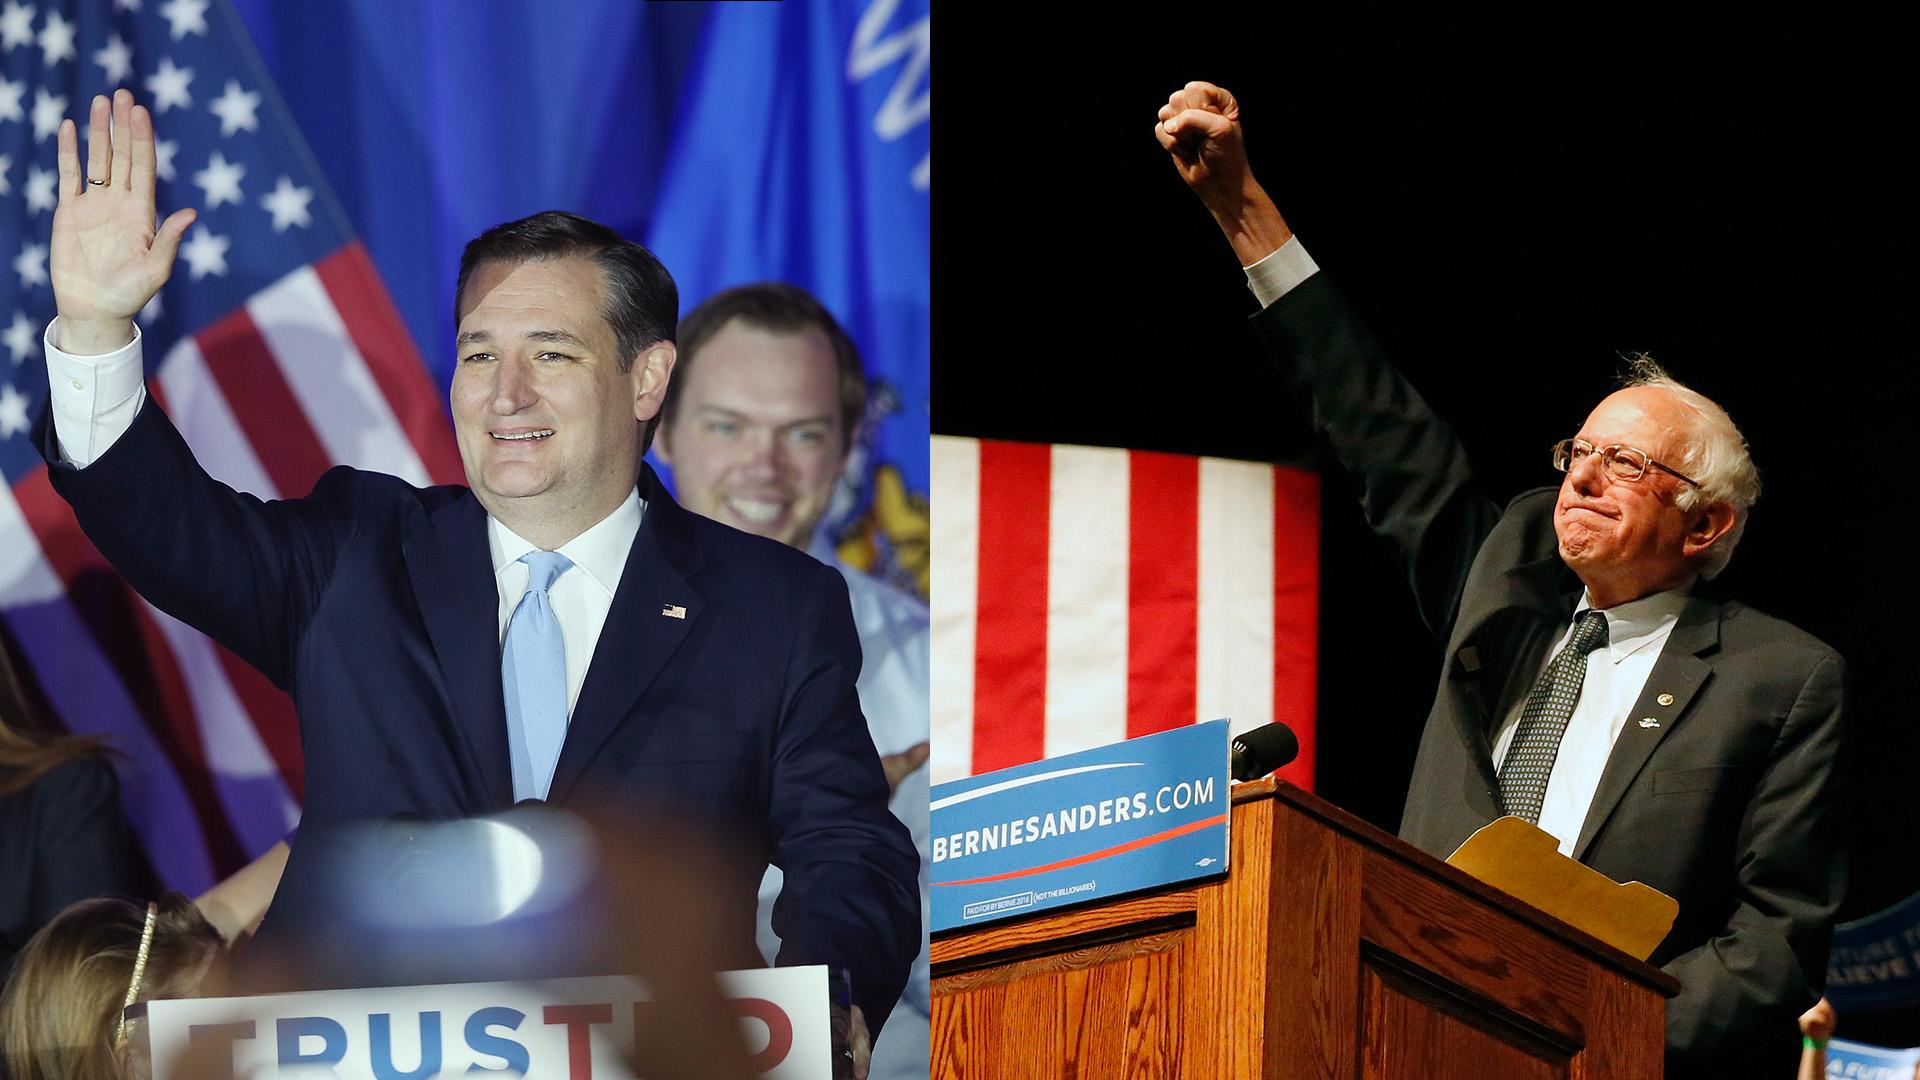 Wisconsin primary: Cruz, Sanders win in upset for front-runners